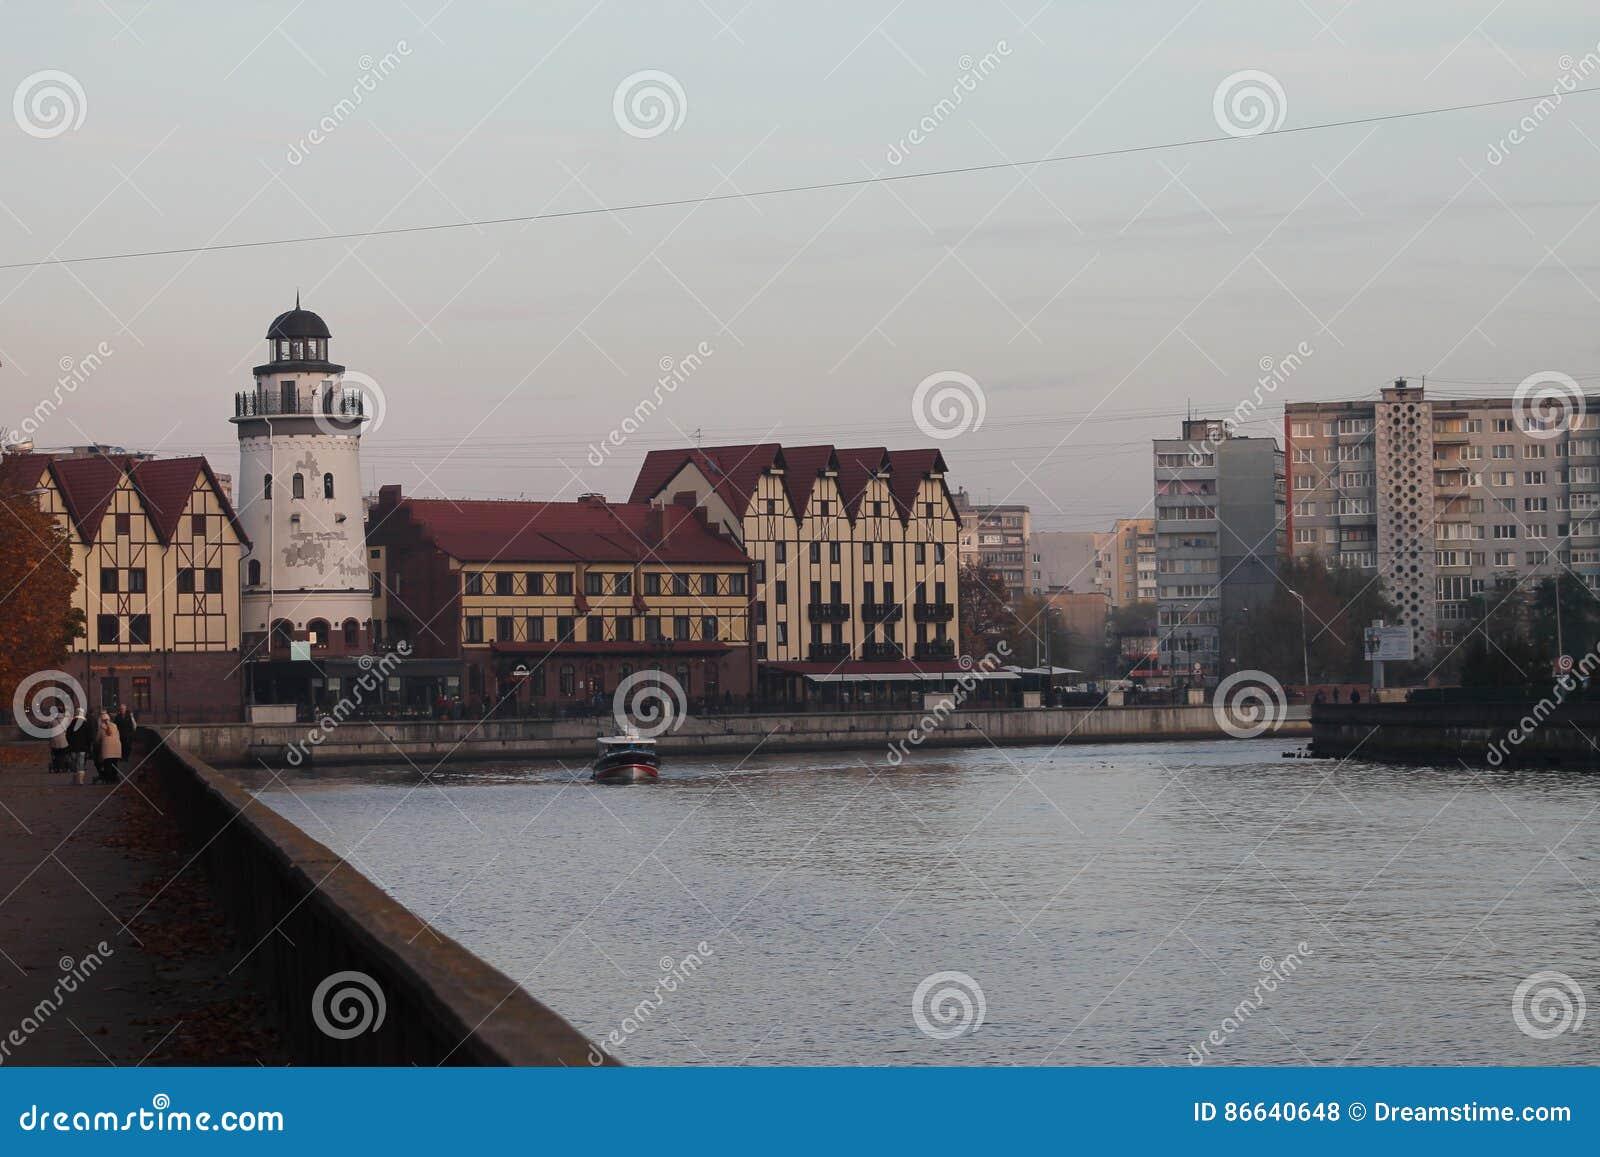 Farol da aldeia piscatória, Kaliningrad